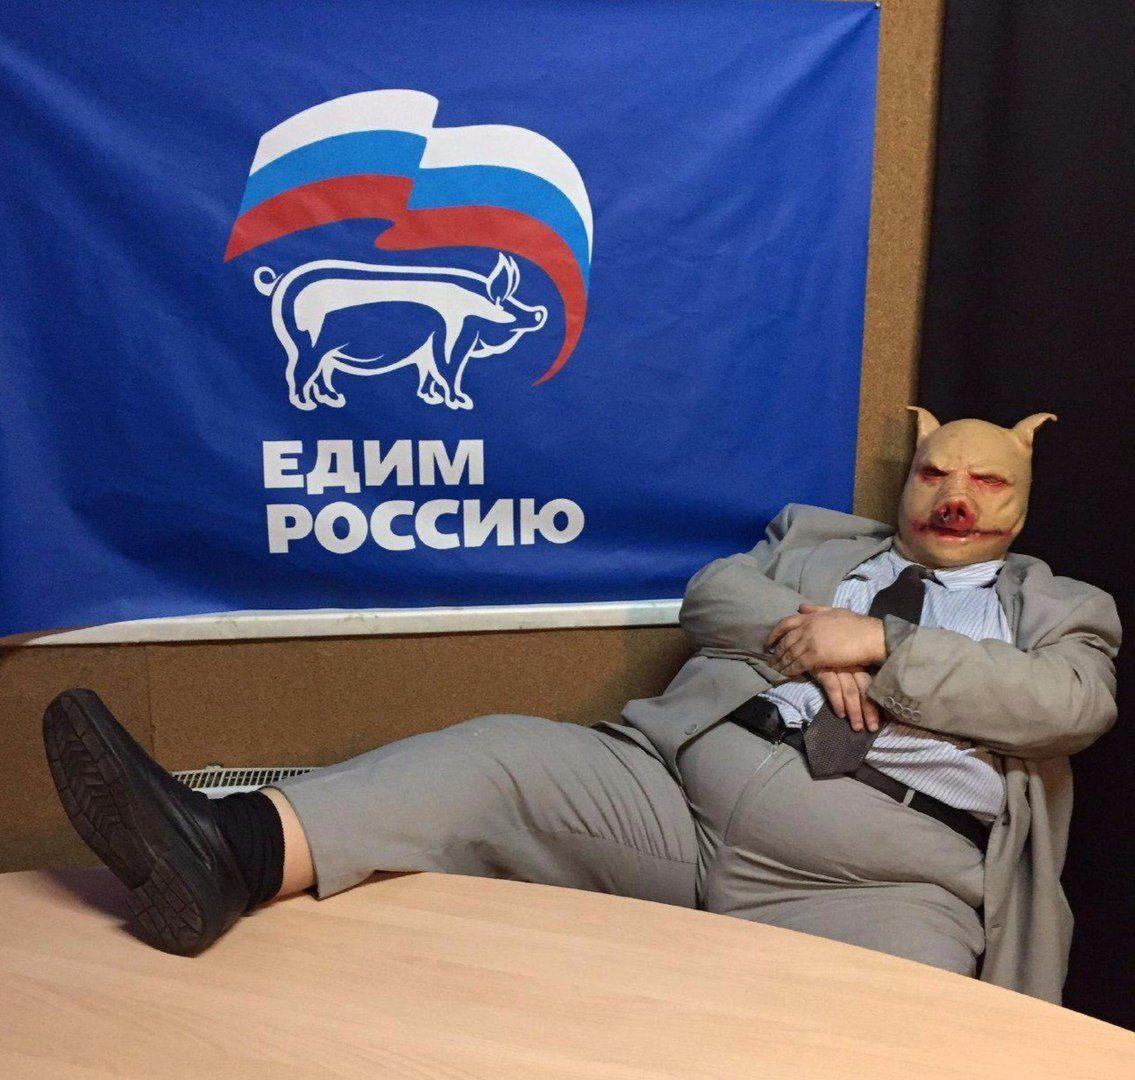 Единая россия приколы картинки, картинки день